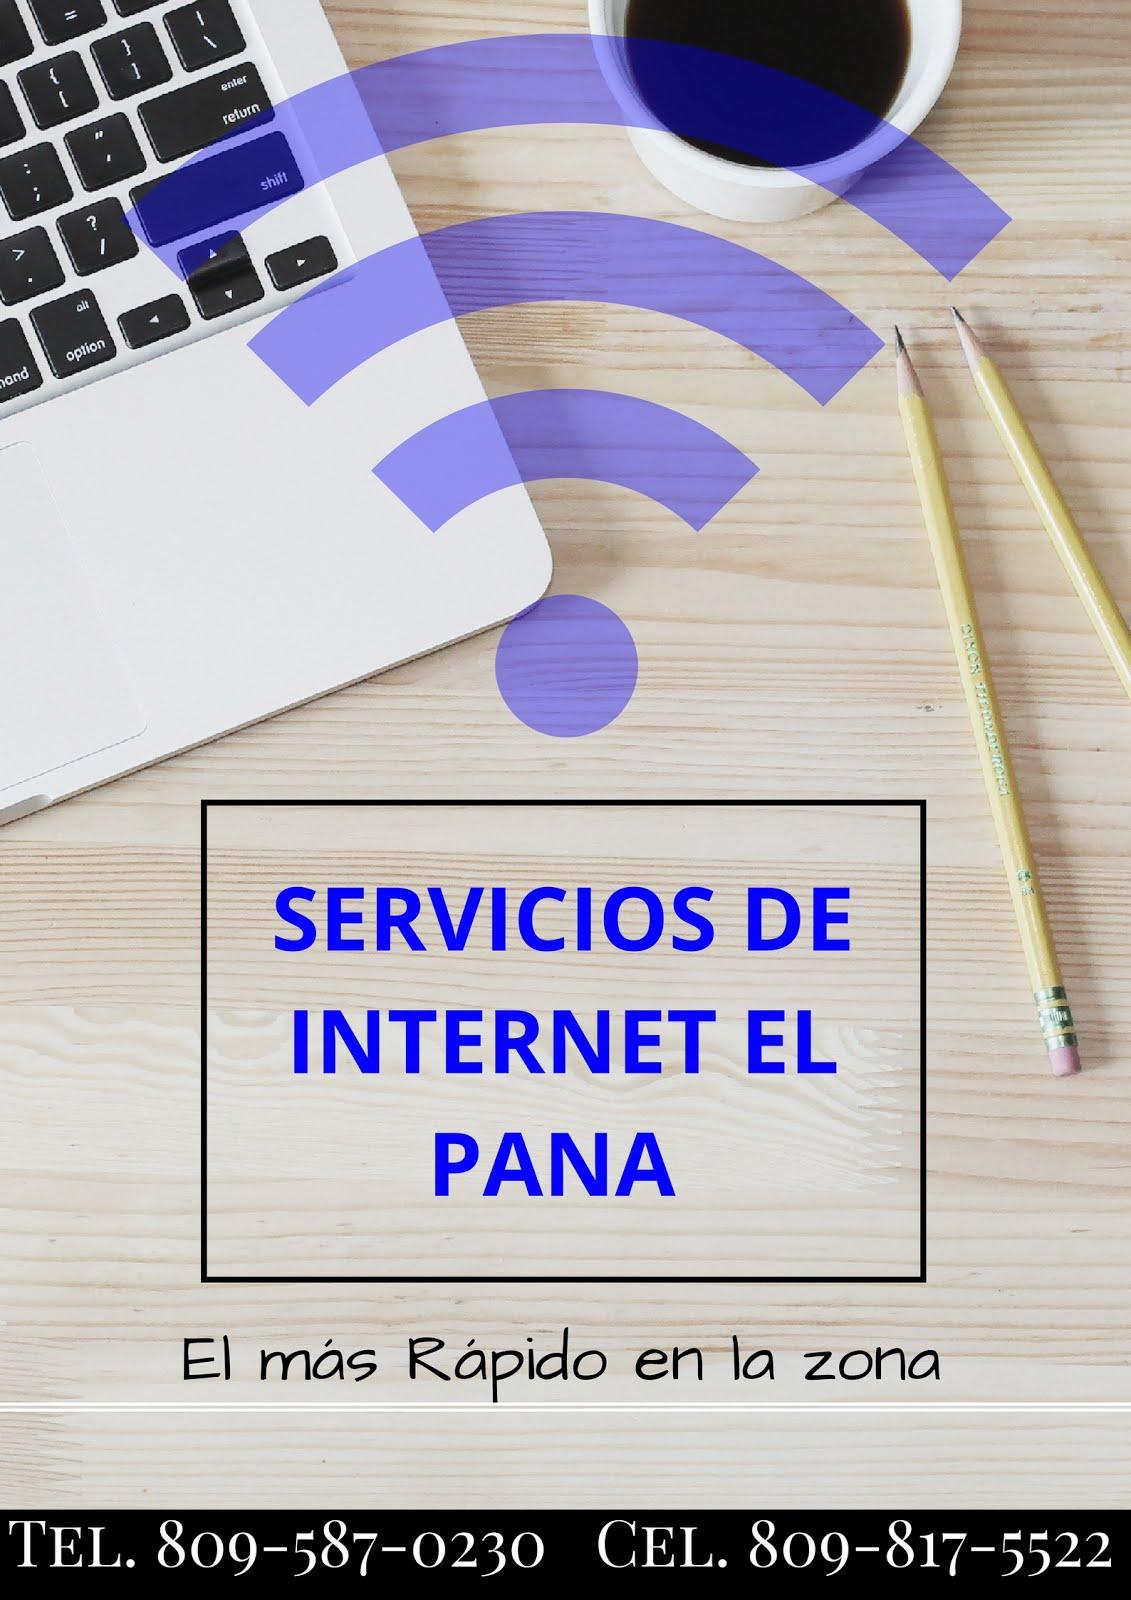 INTERNET EL PANA